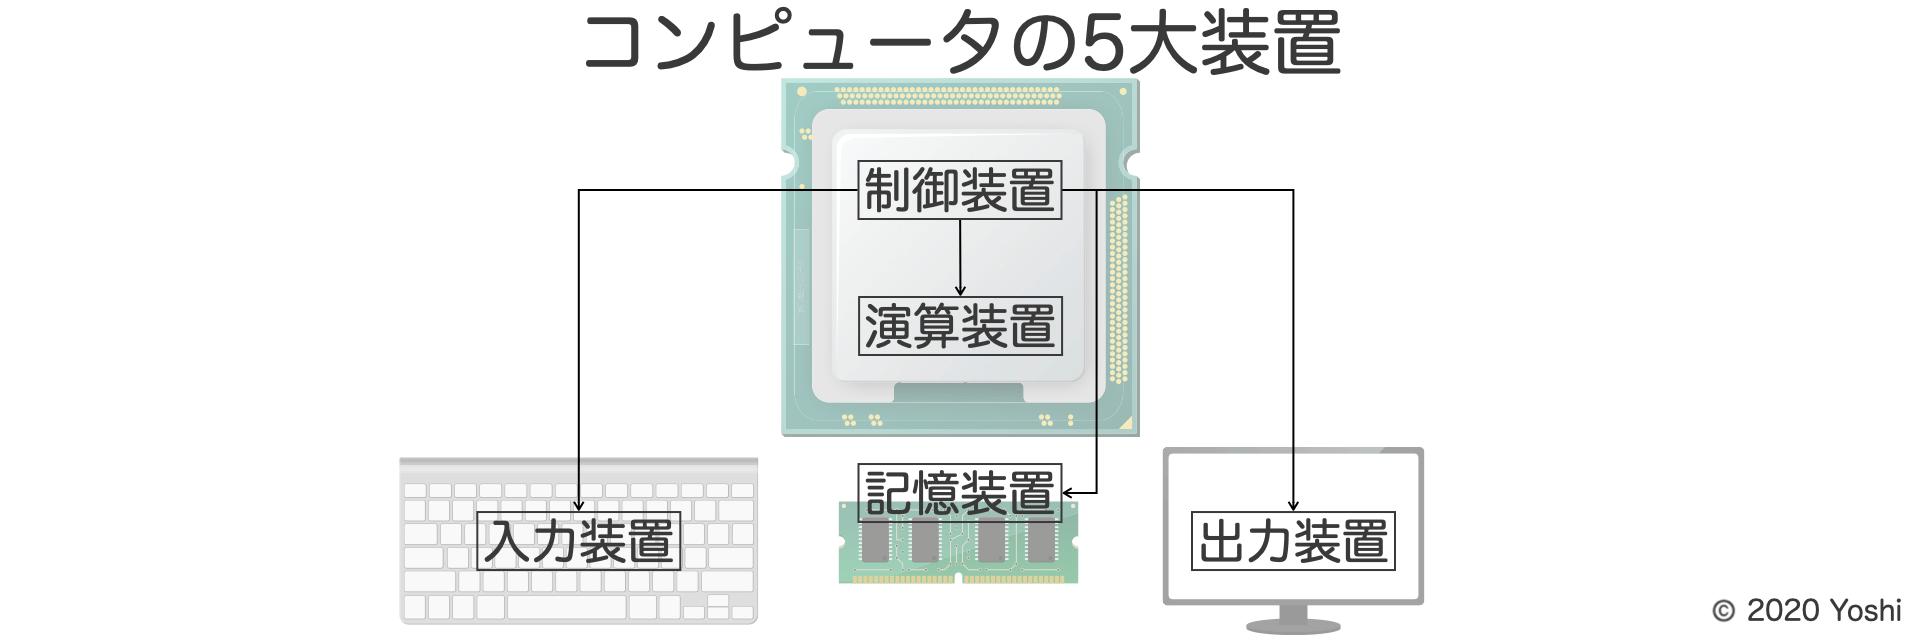 コンピューターの5大装置